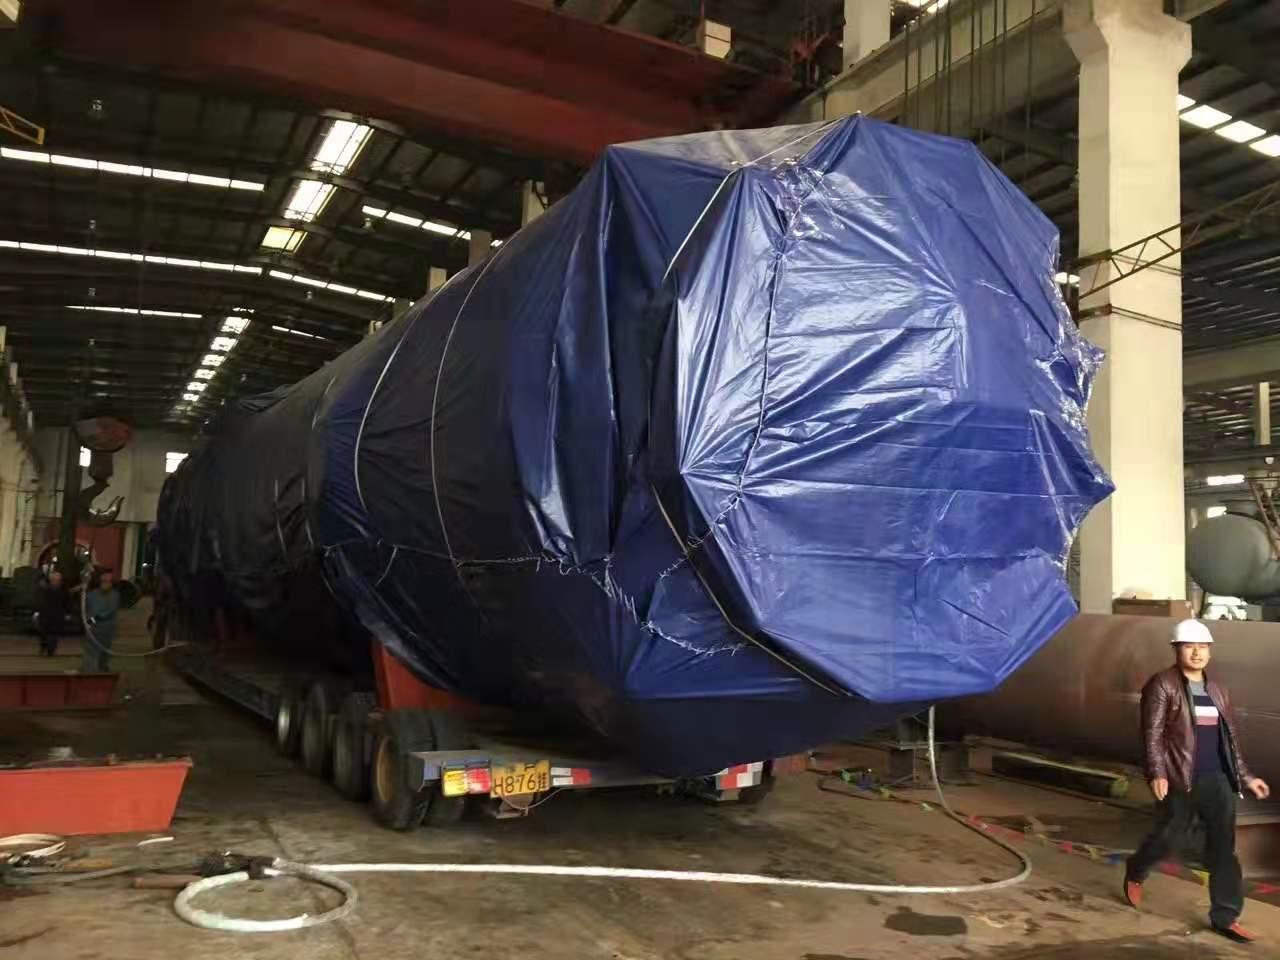 5.7米宽货物装车中